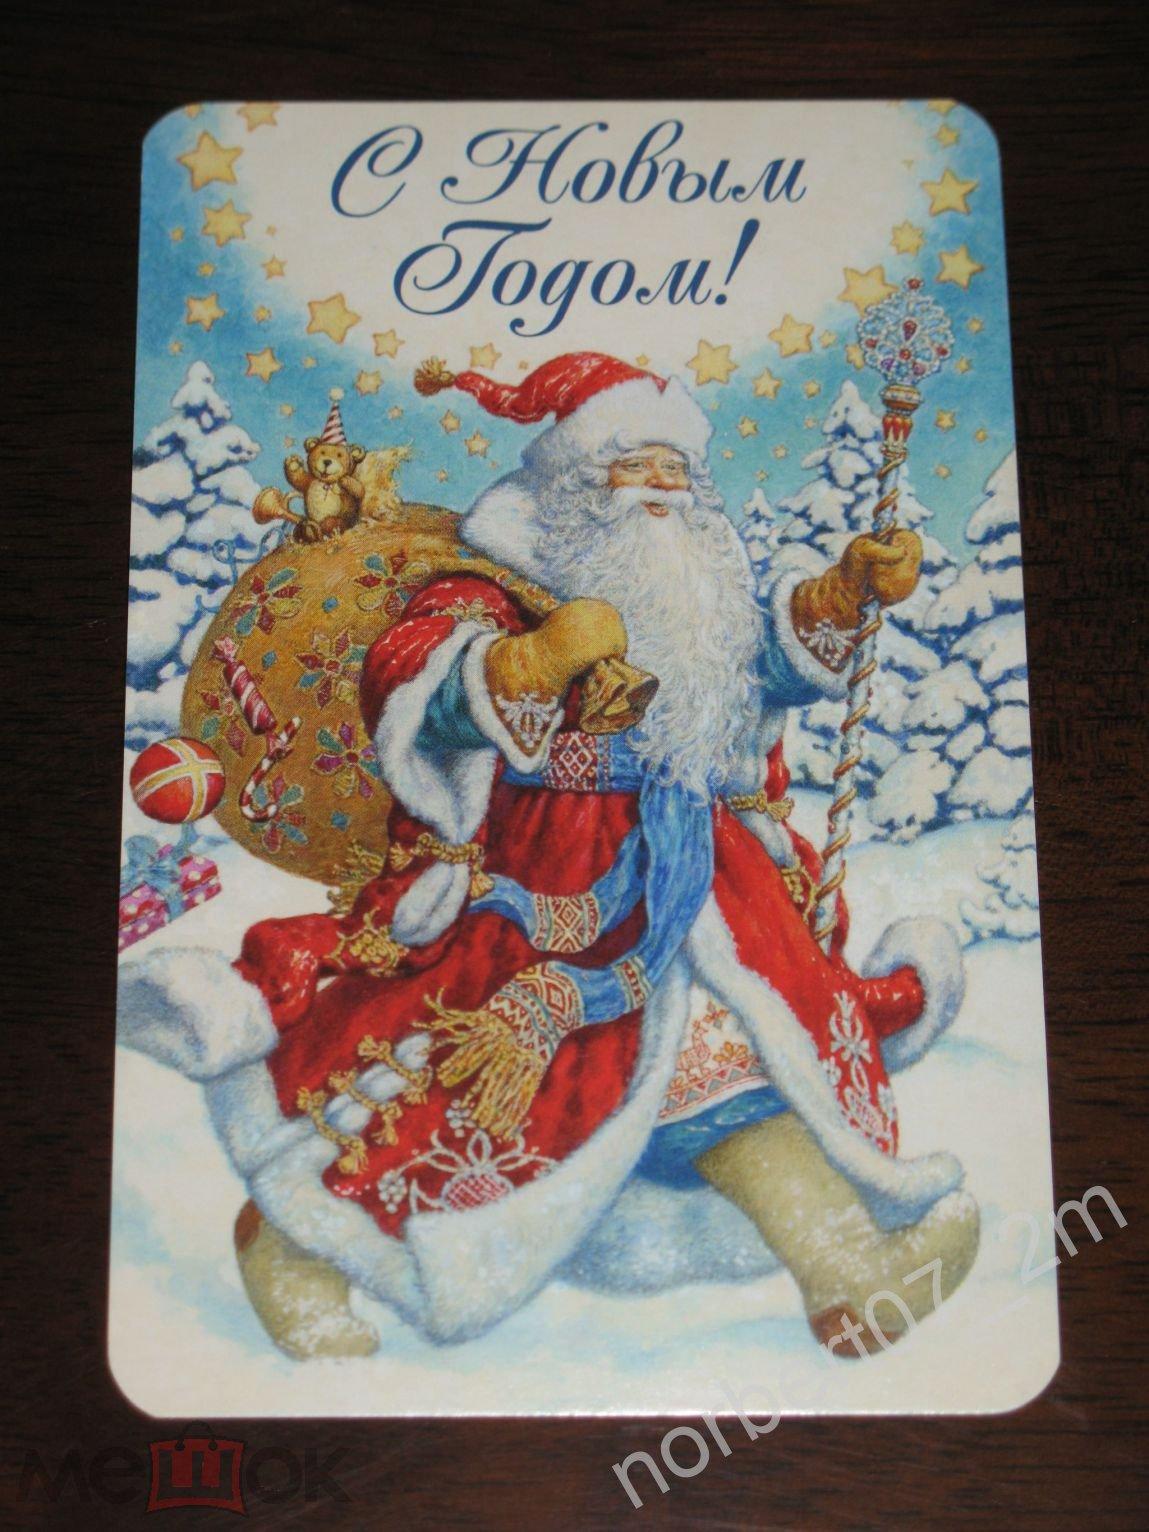 Панна открытка дед мороз, сохранить открытки айфон